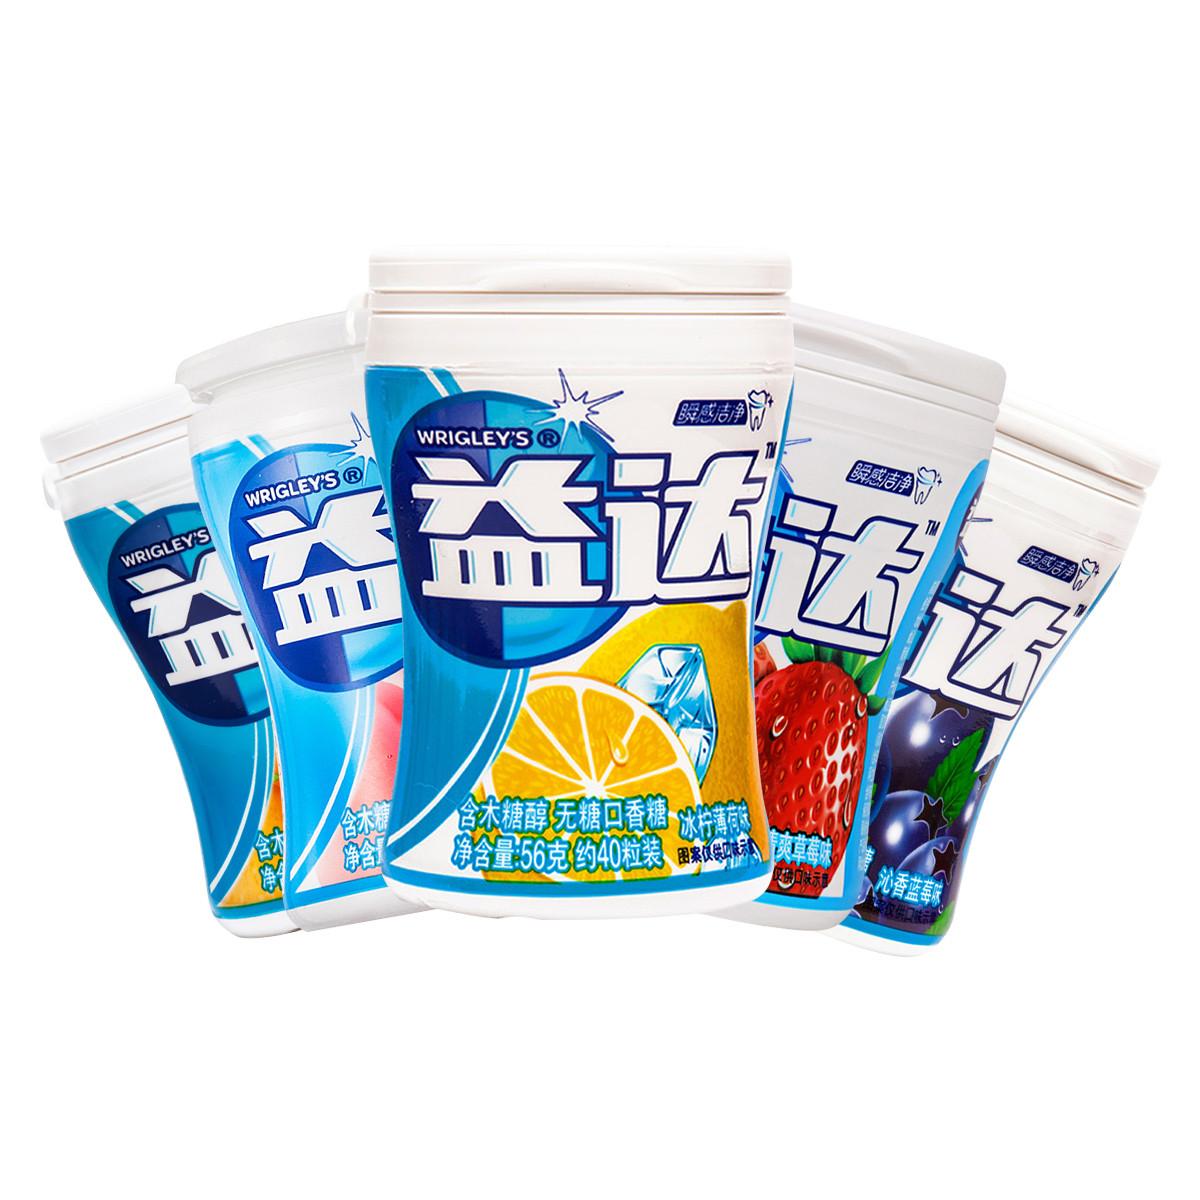 益达益达口香糖五种口味5瓶共200粒280g27330198